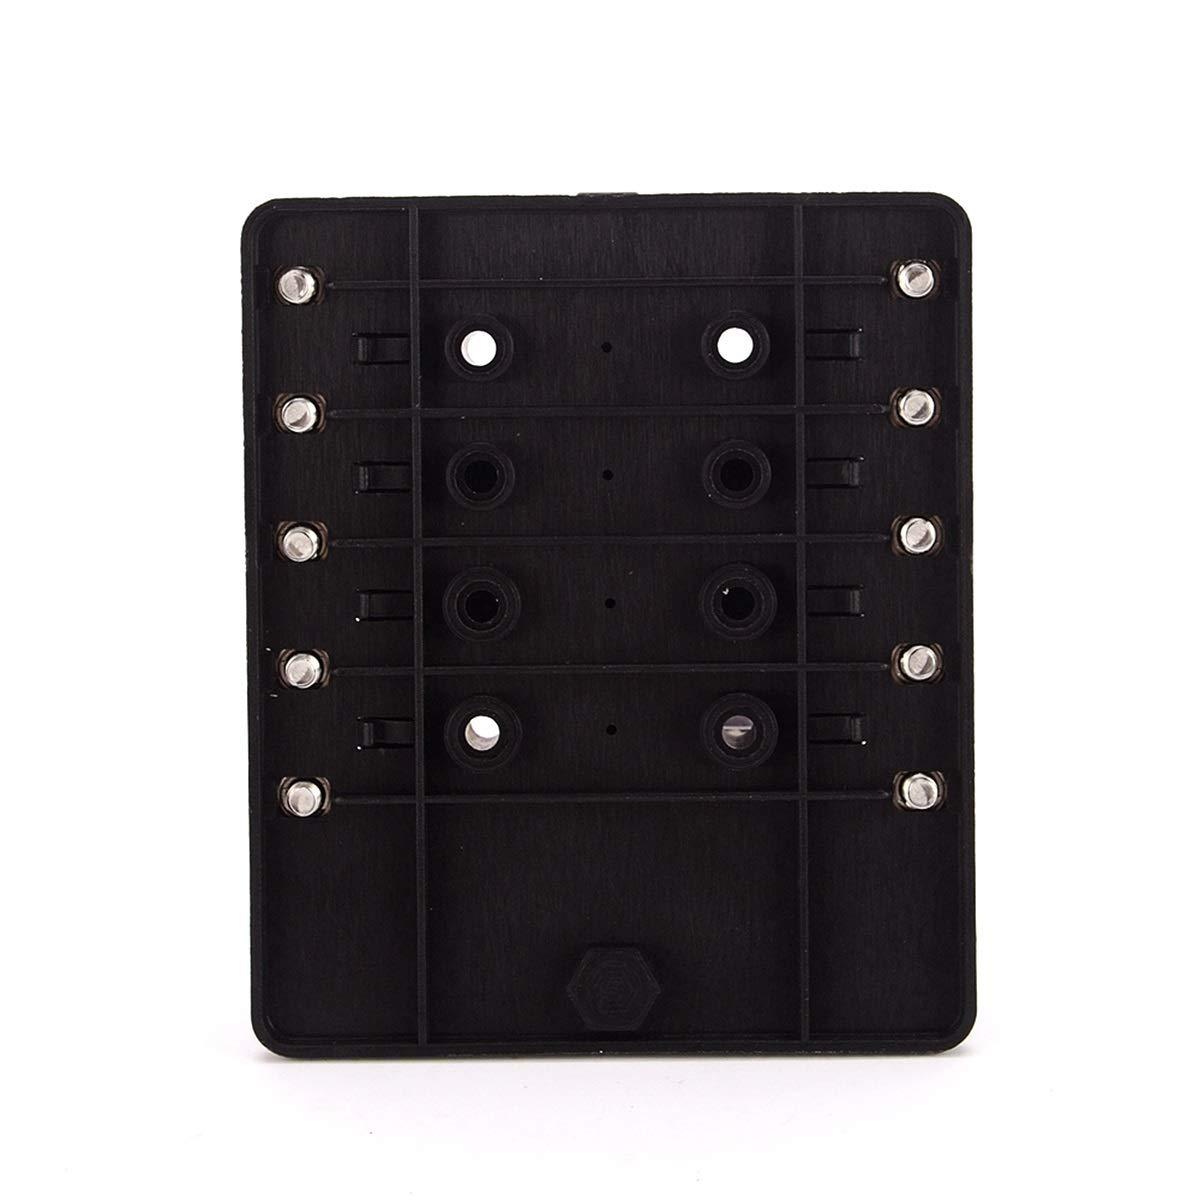 Jinxuny Caja de Placa de fusibles de la Placa de 10 v/ías Caja de fusibles de la Hoja de 12V 24V con Kit de Luces de Advertencia LED para el Juego de 1 Carro del Barco Porta fusibles 10 v/ías